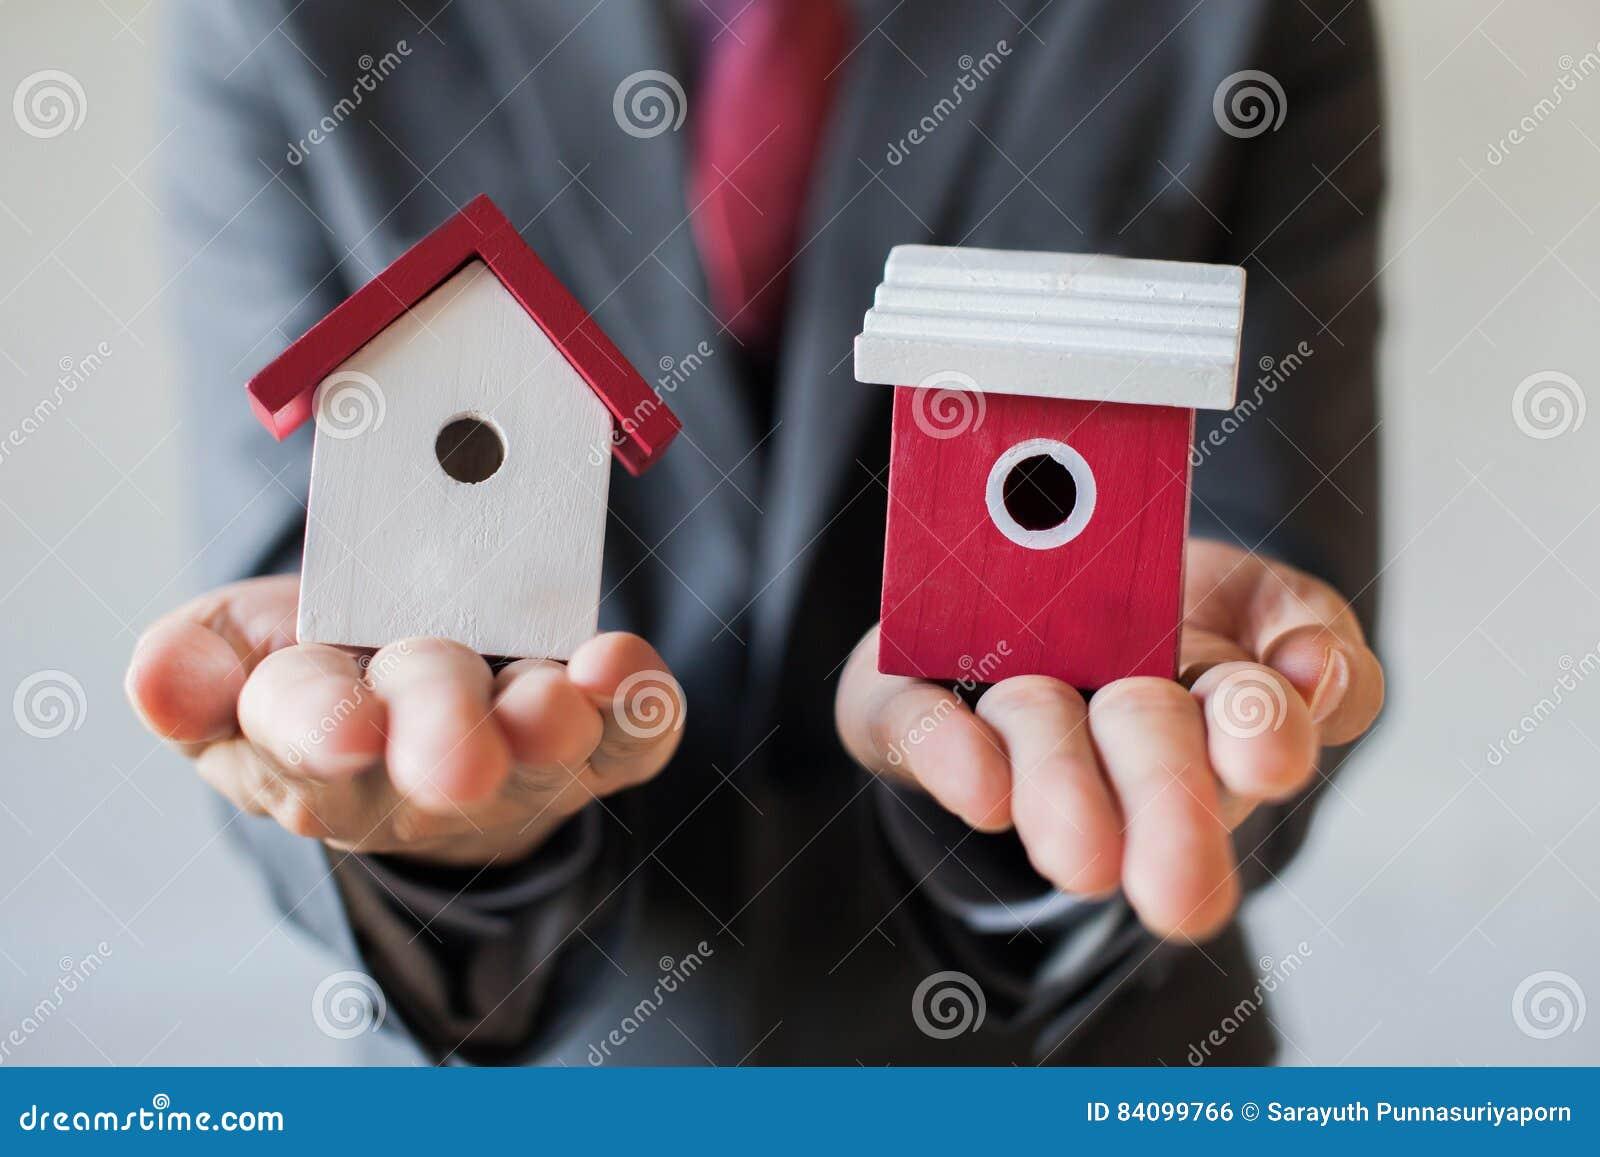 O homem de negócios que guarda duas casas e não pode decidir a escolha da casa direita